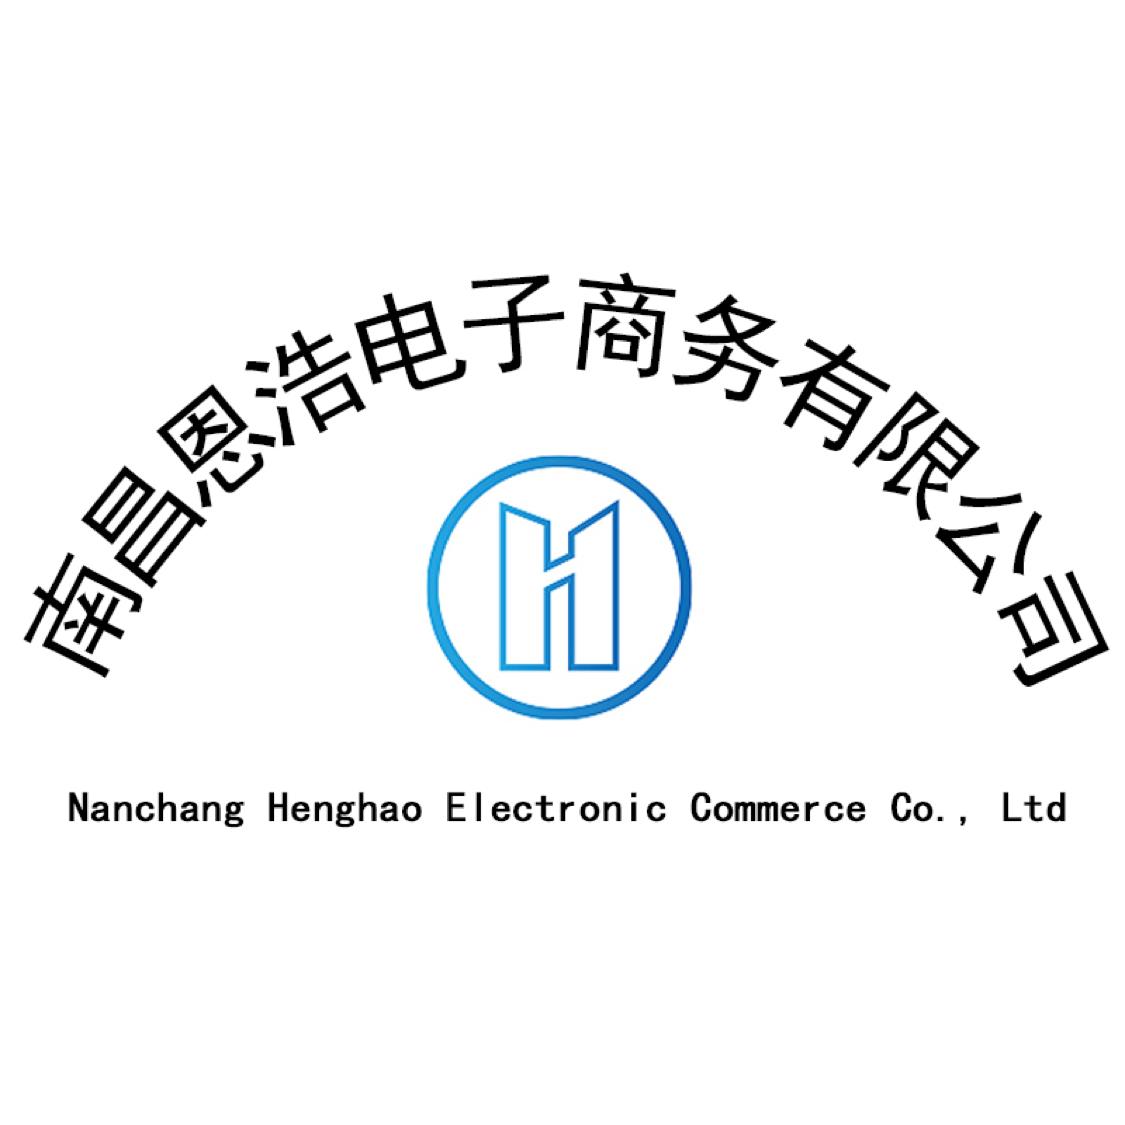 南昌恩浩電子商務有限公司